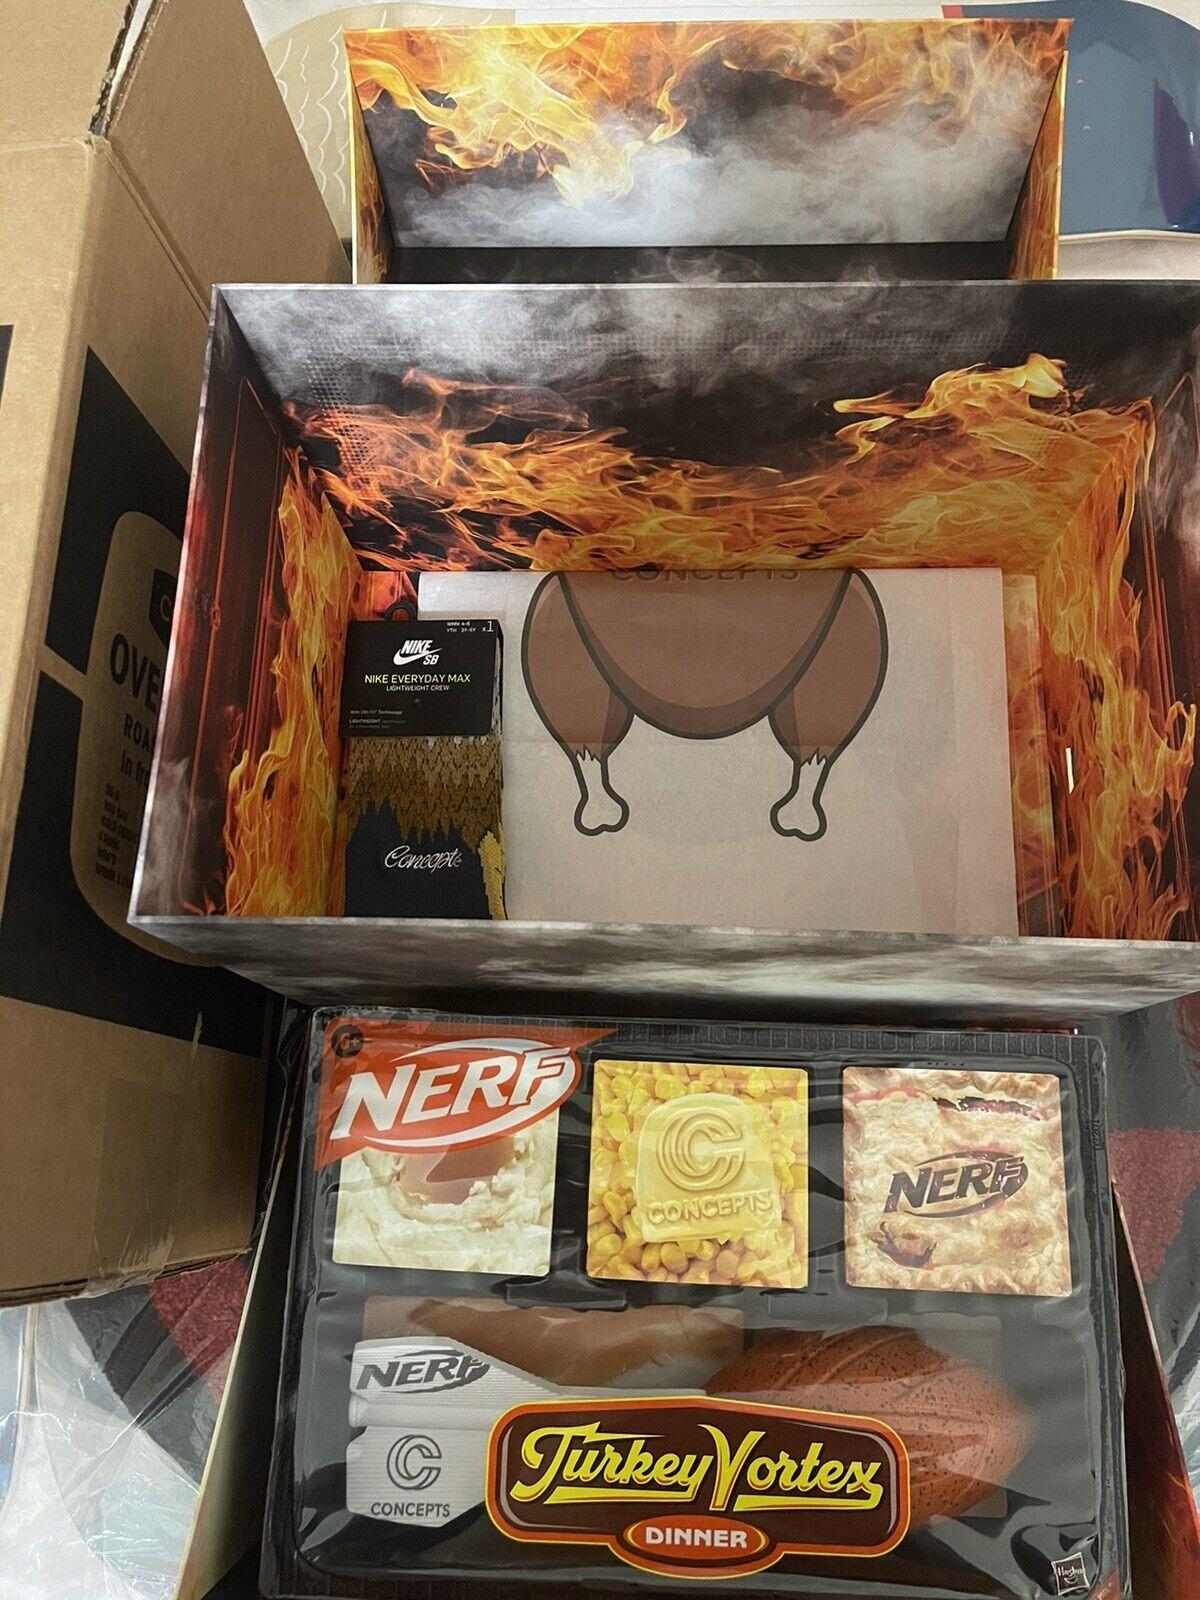 Nike SB Dunk High Concepts Turdunken Special Box ONLY Nerf Turkey Vortex Supreme